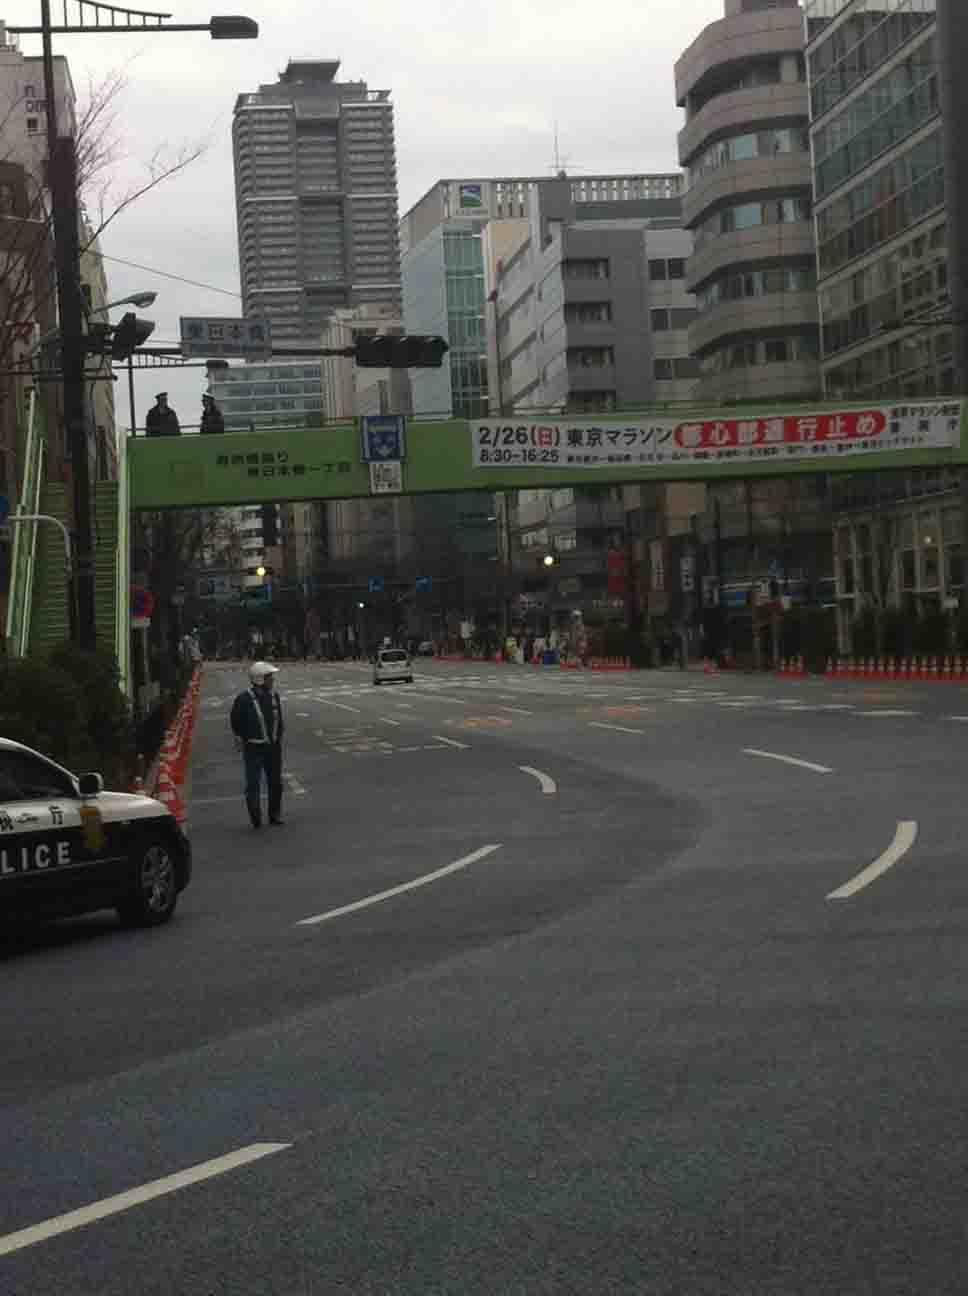 tokyomarathon2012.jpg